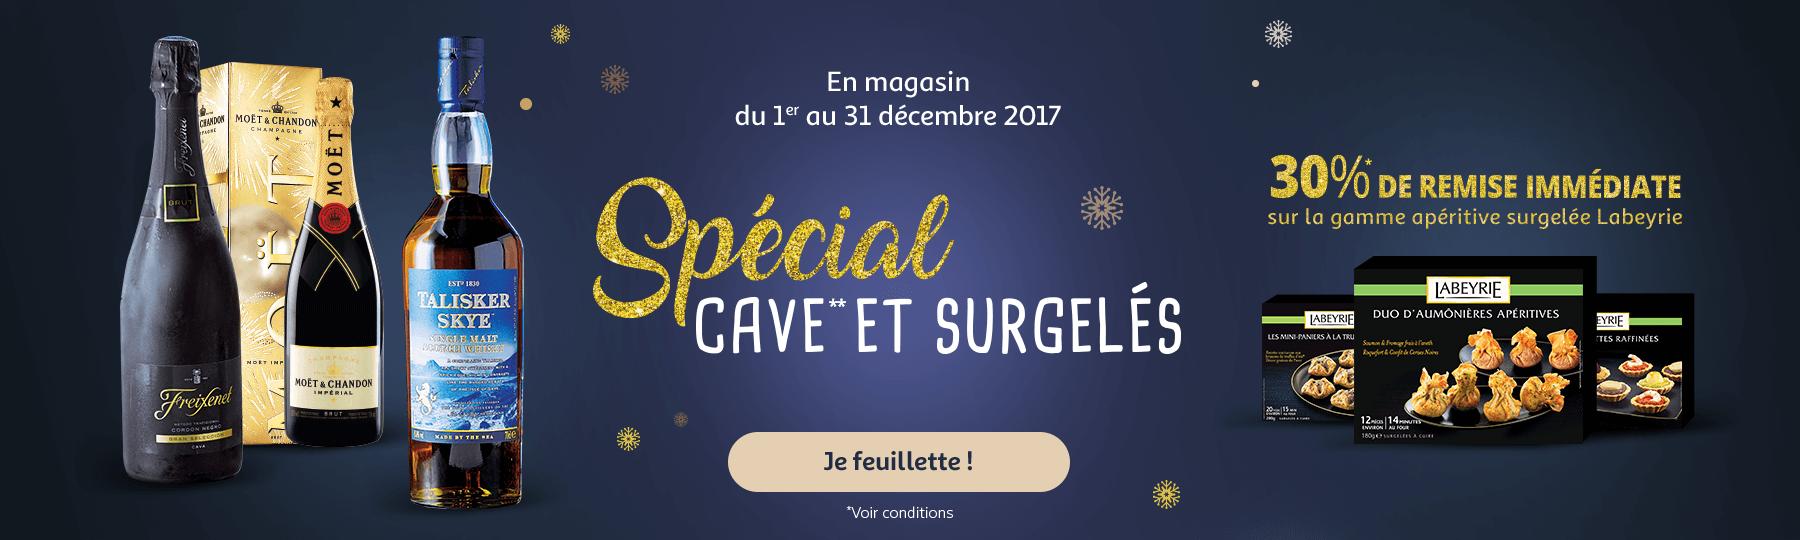 En magasin du 01 au 31 décembre 2017 : catalogue spécial cave et surgelés